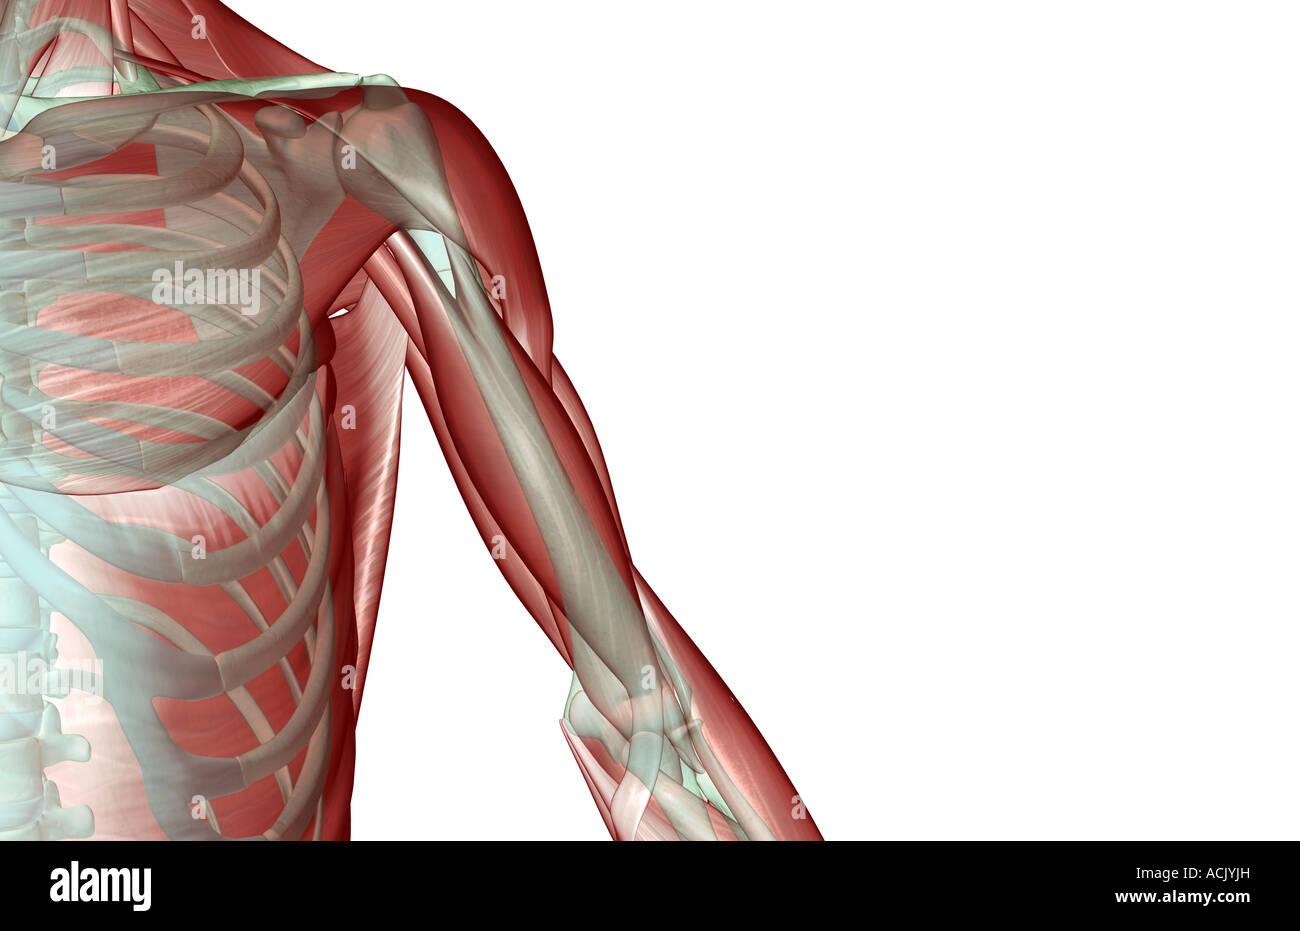 Upper Arm Muscles Stockfotos & Upper Arm Muscles Bilder - Alamy